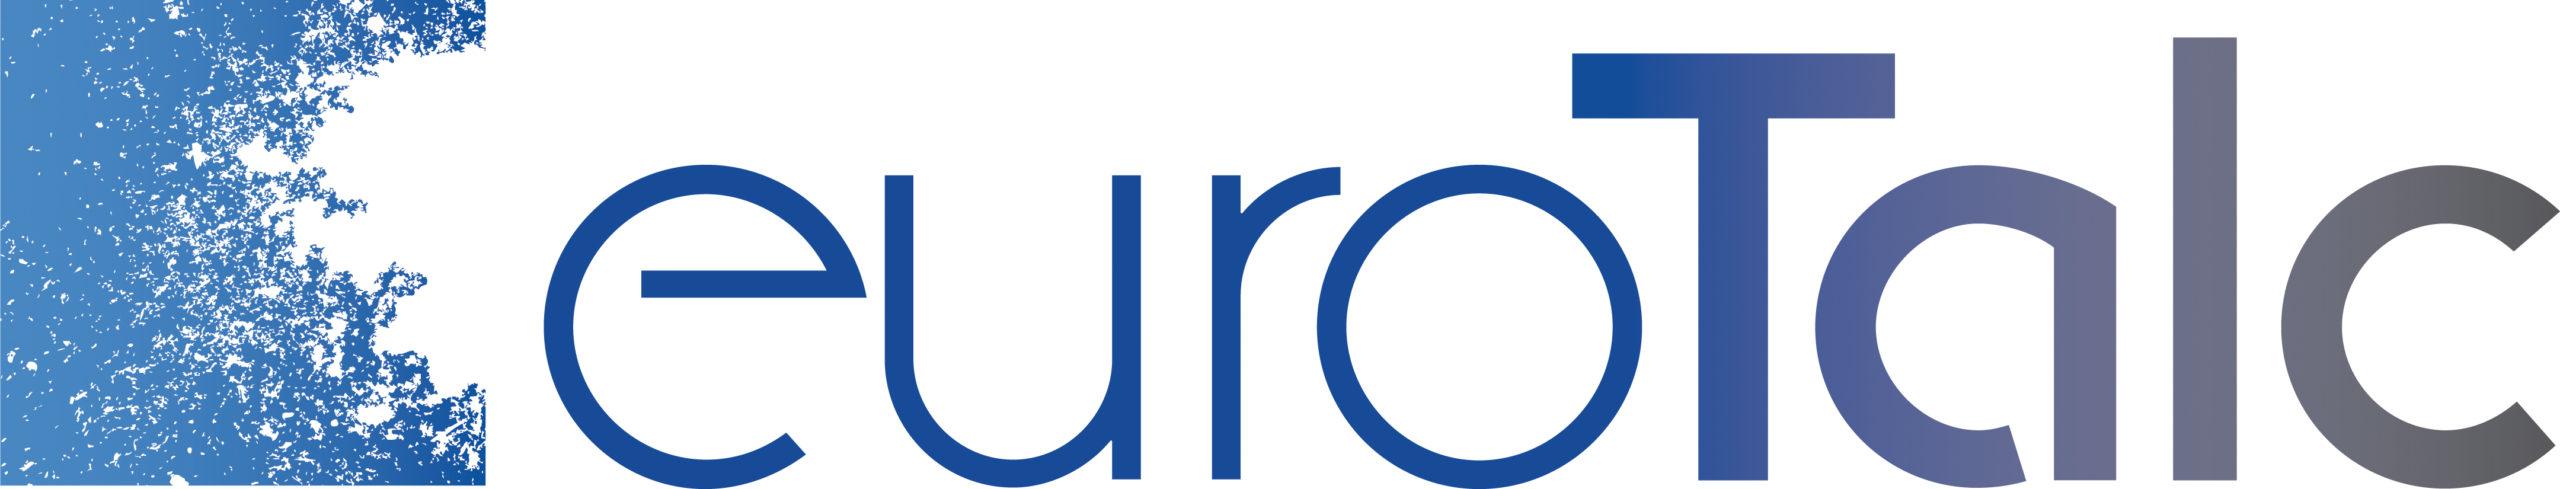 euroTalc